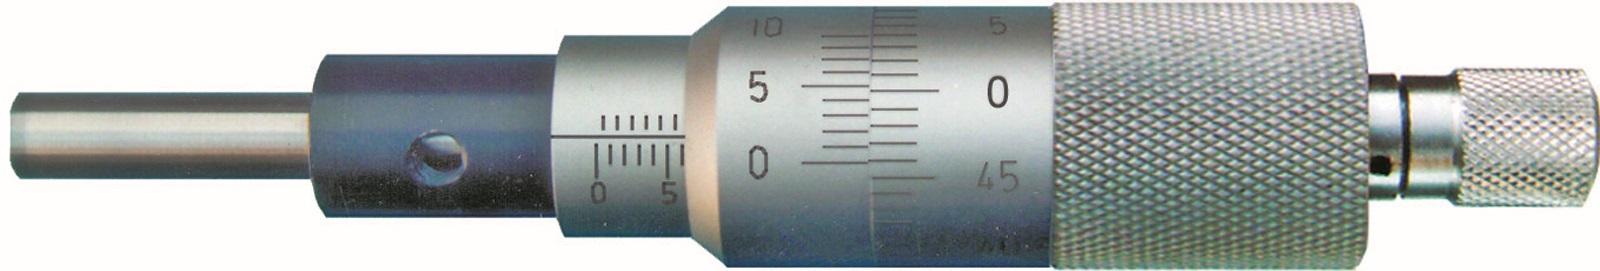 Einbau-Messschraube - 25 mm - Ablesung 0,001 mm